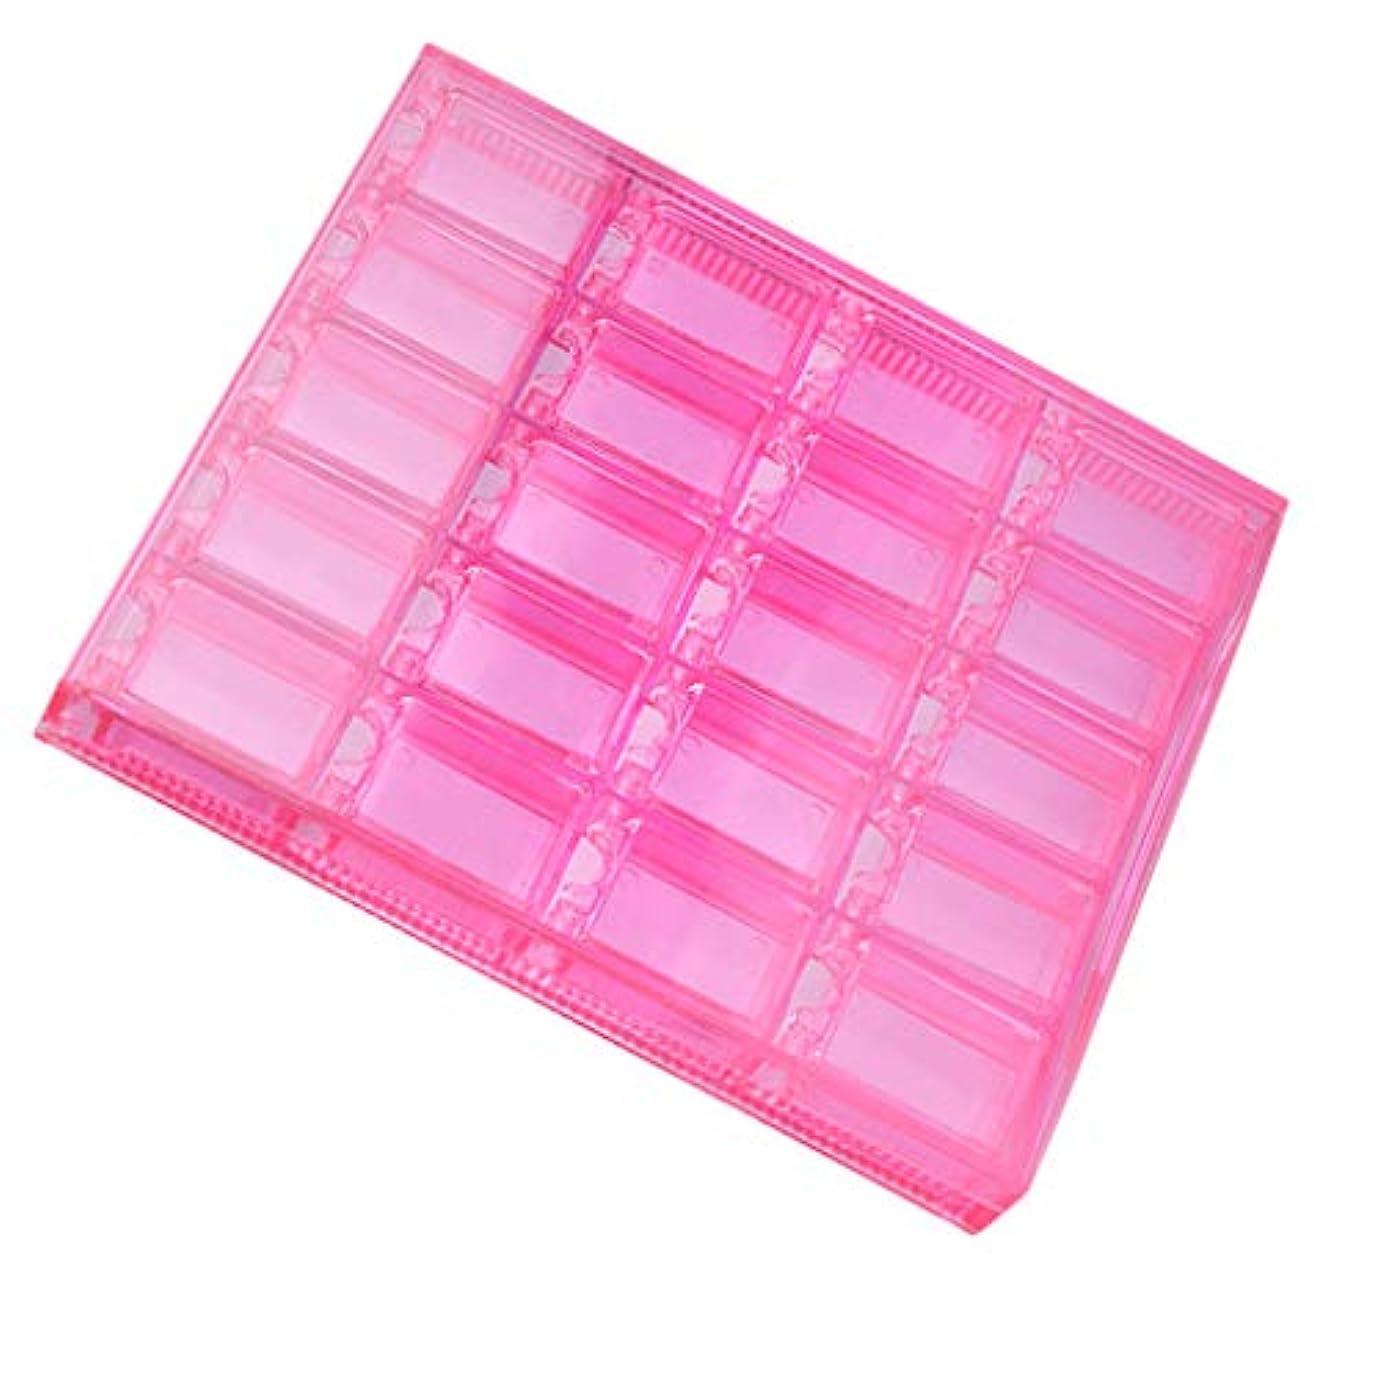 ビザ無駄なコロニー空のプラスチックボックス収納ケースネイルアート製品イヤリングジュエリー20セル - ピンク